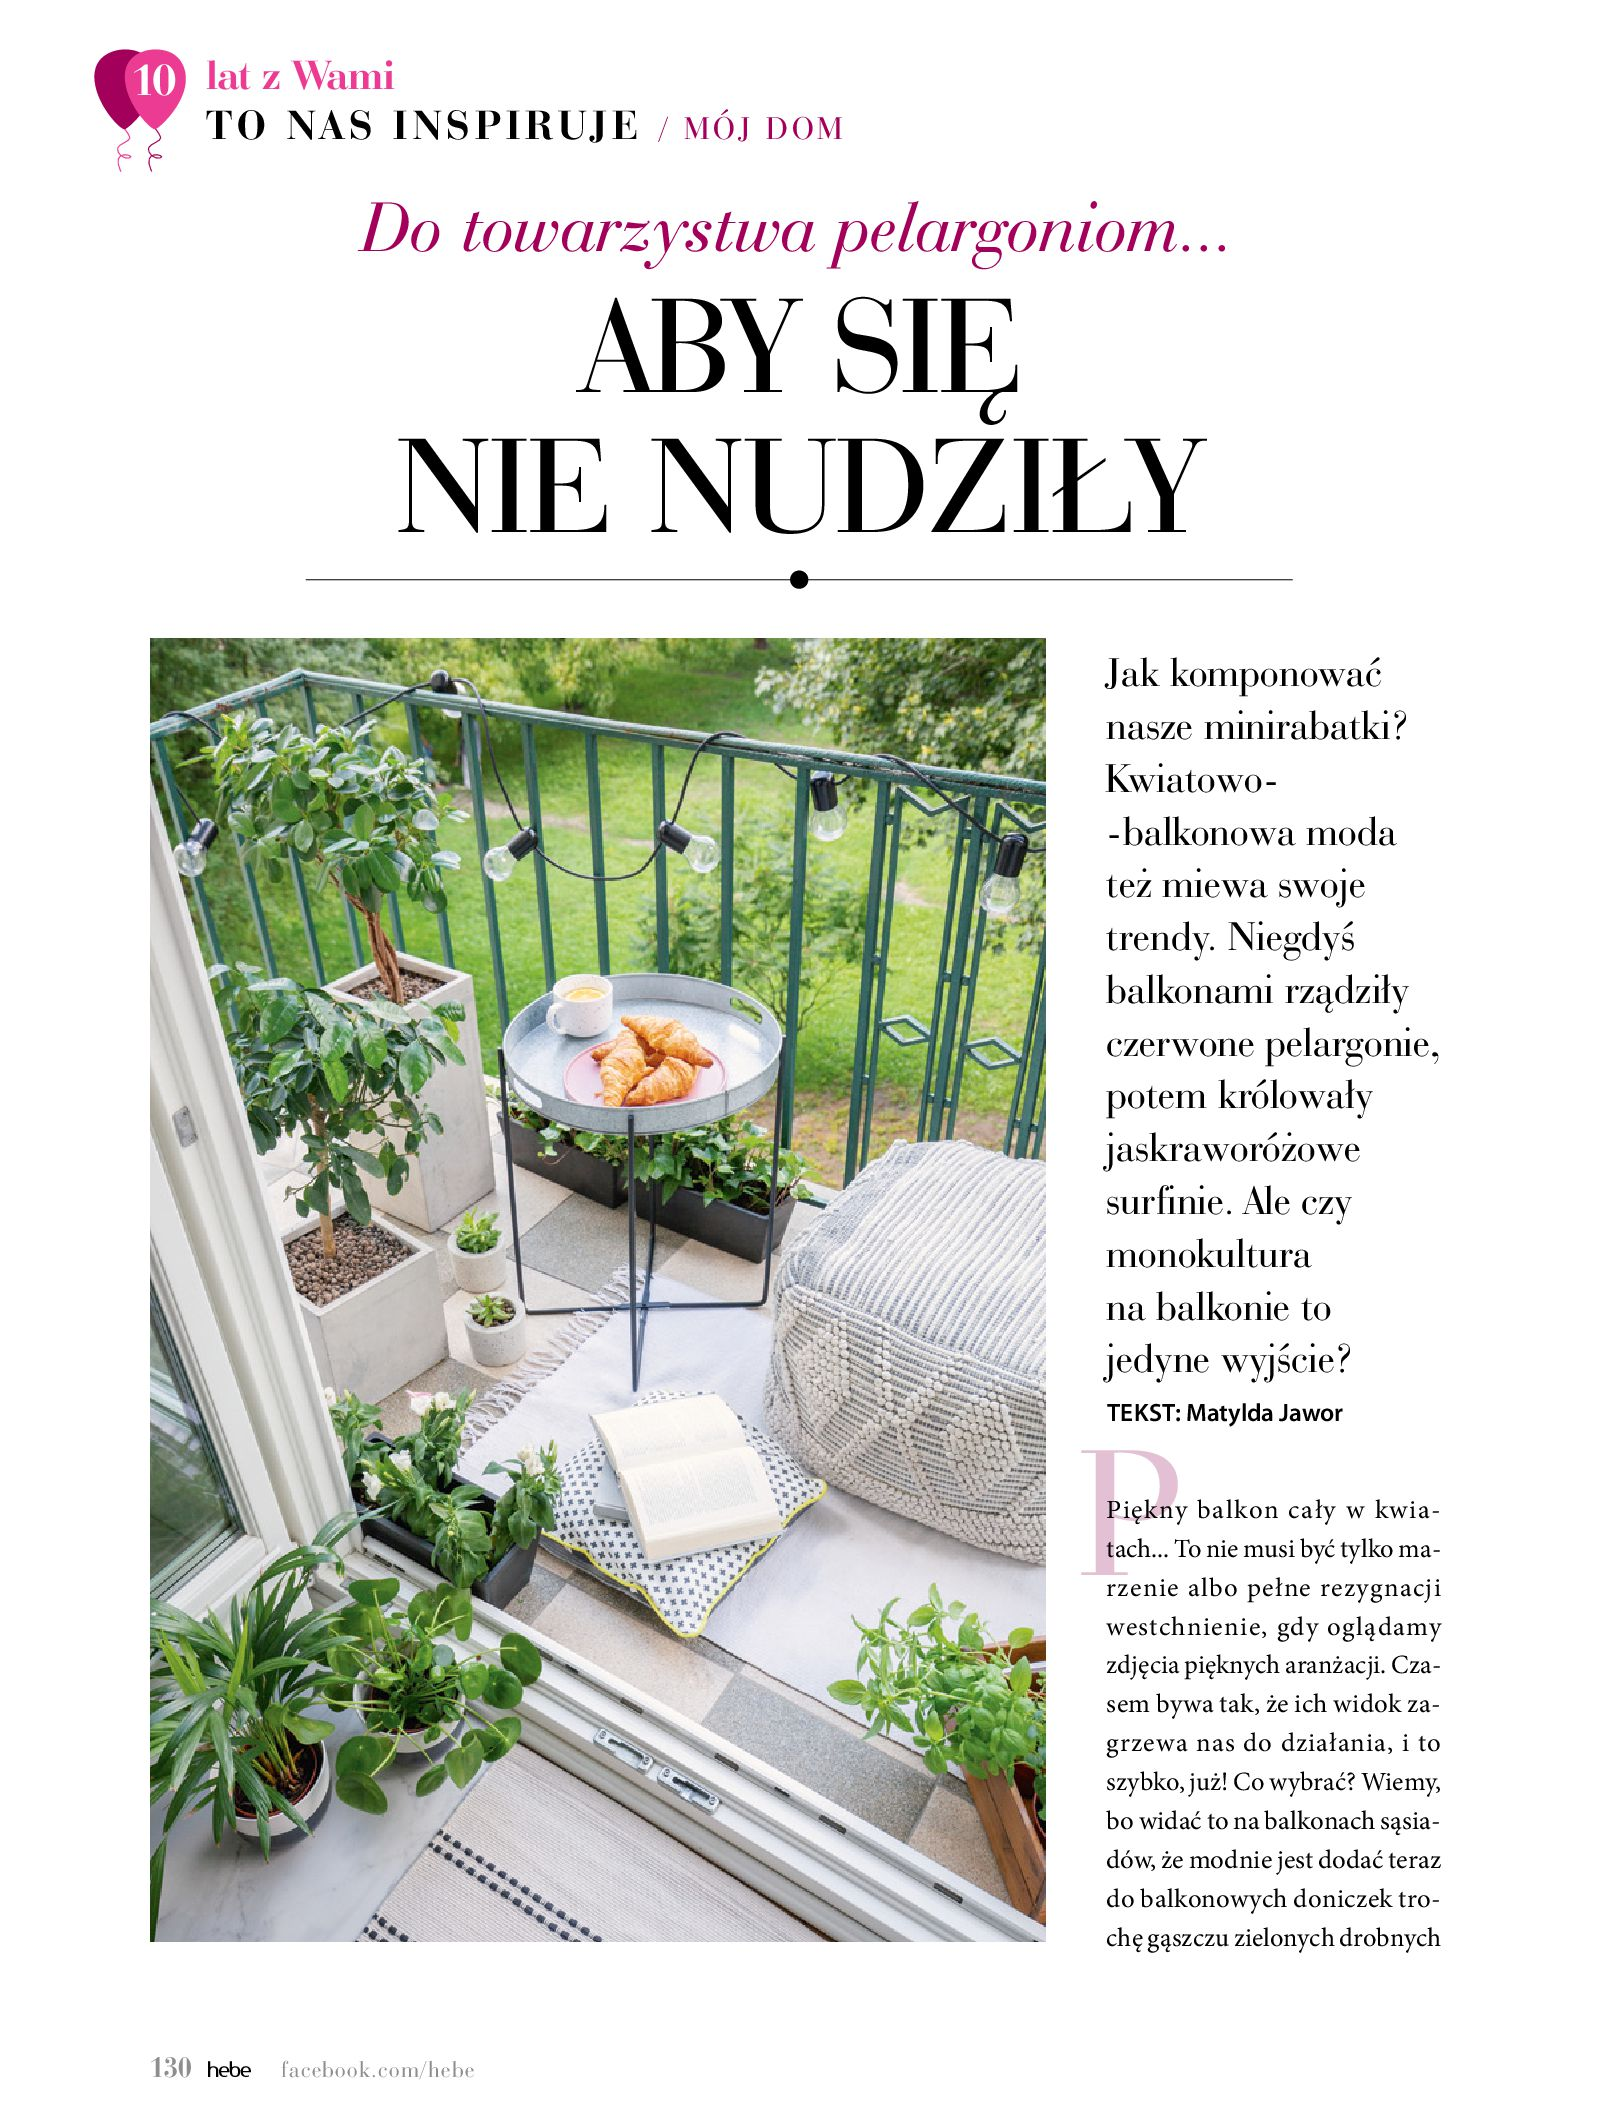 Gazetka hebe: Gazetka Hebe - Magazyn  2021-05-01 page-130